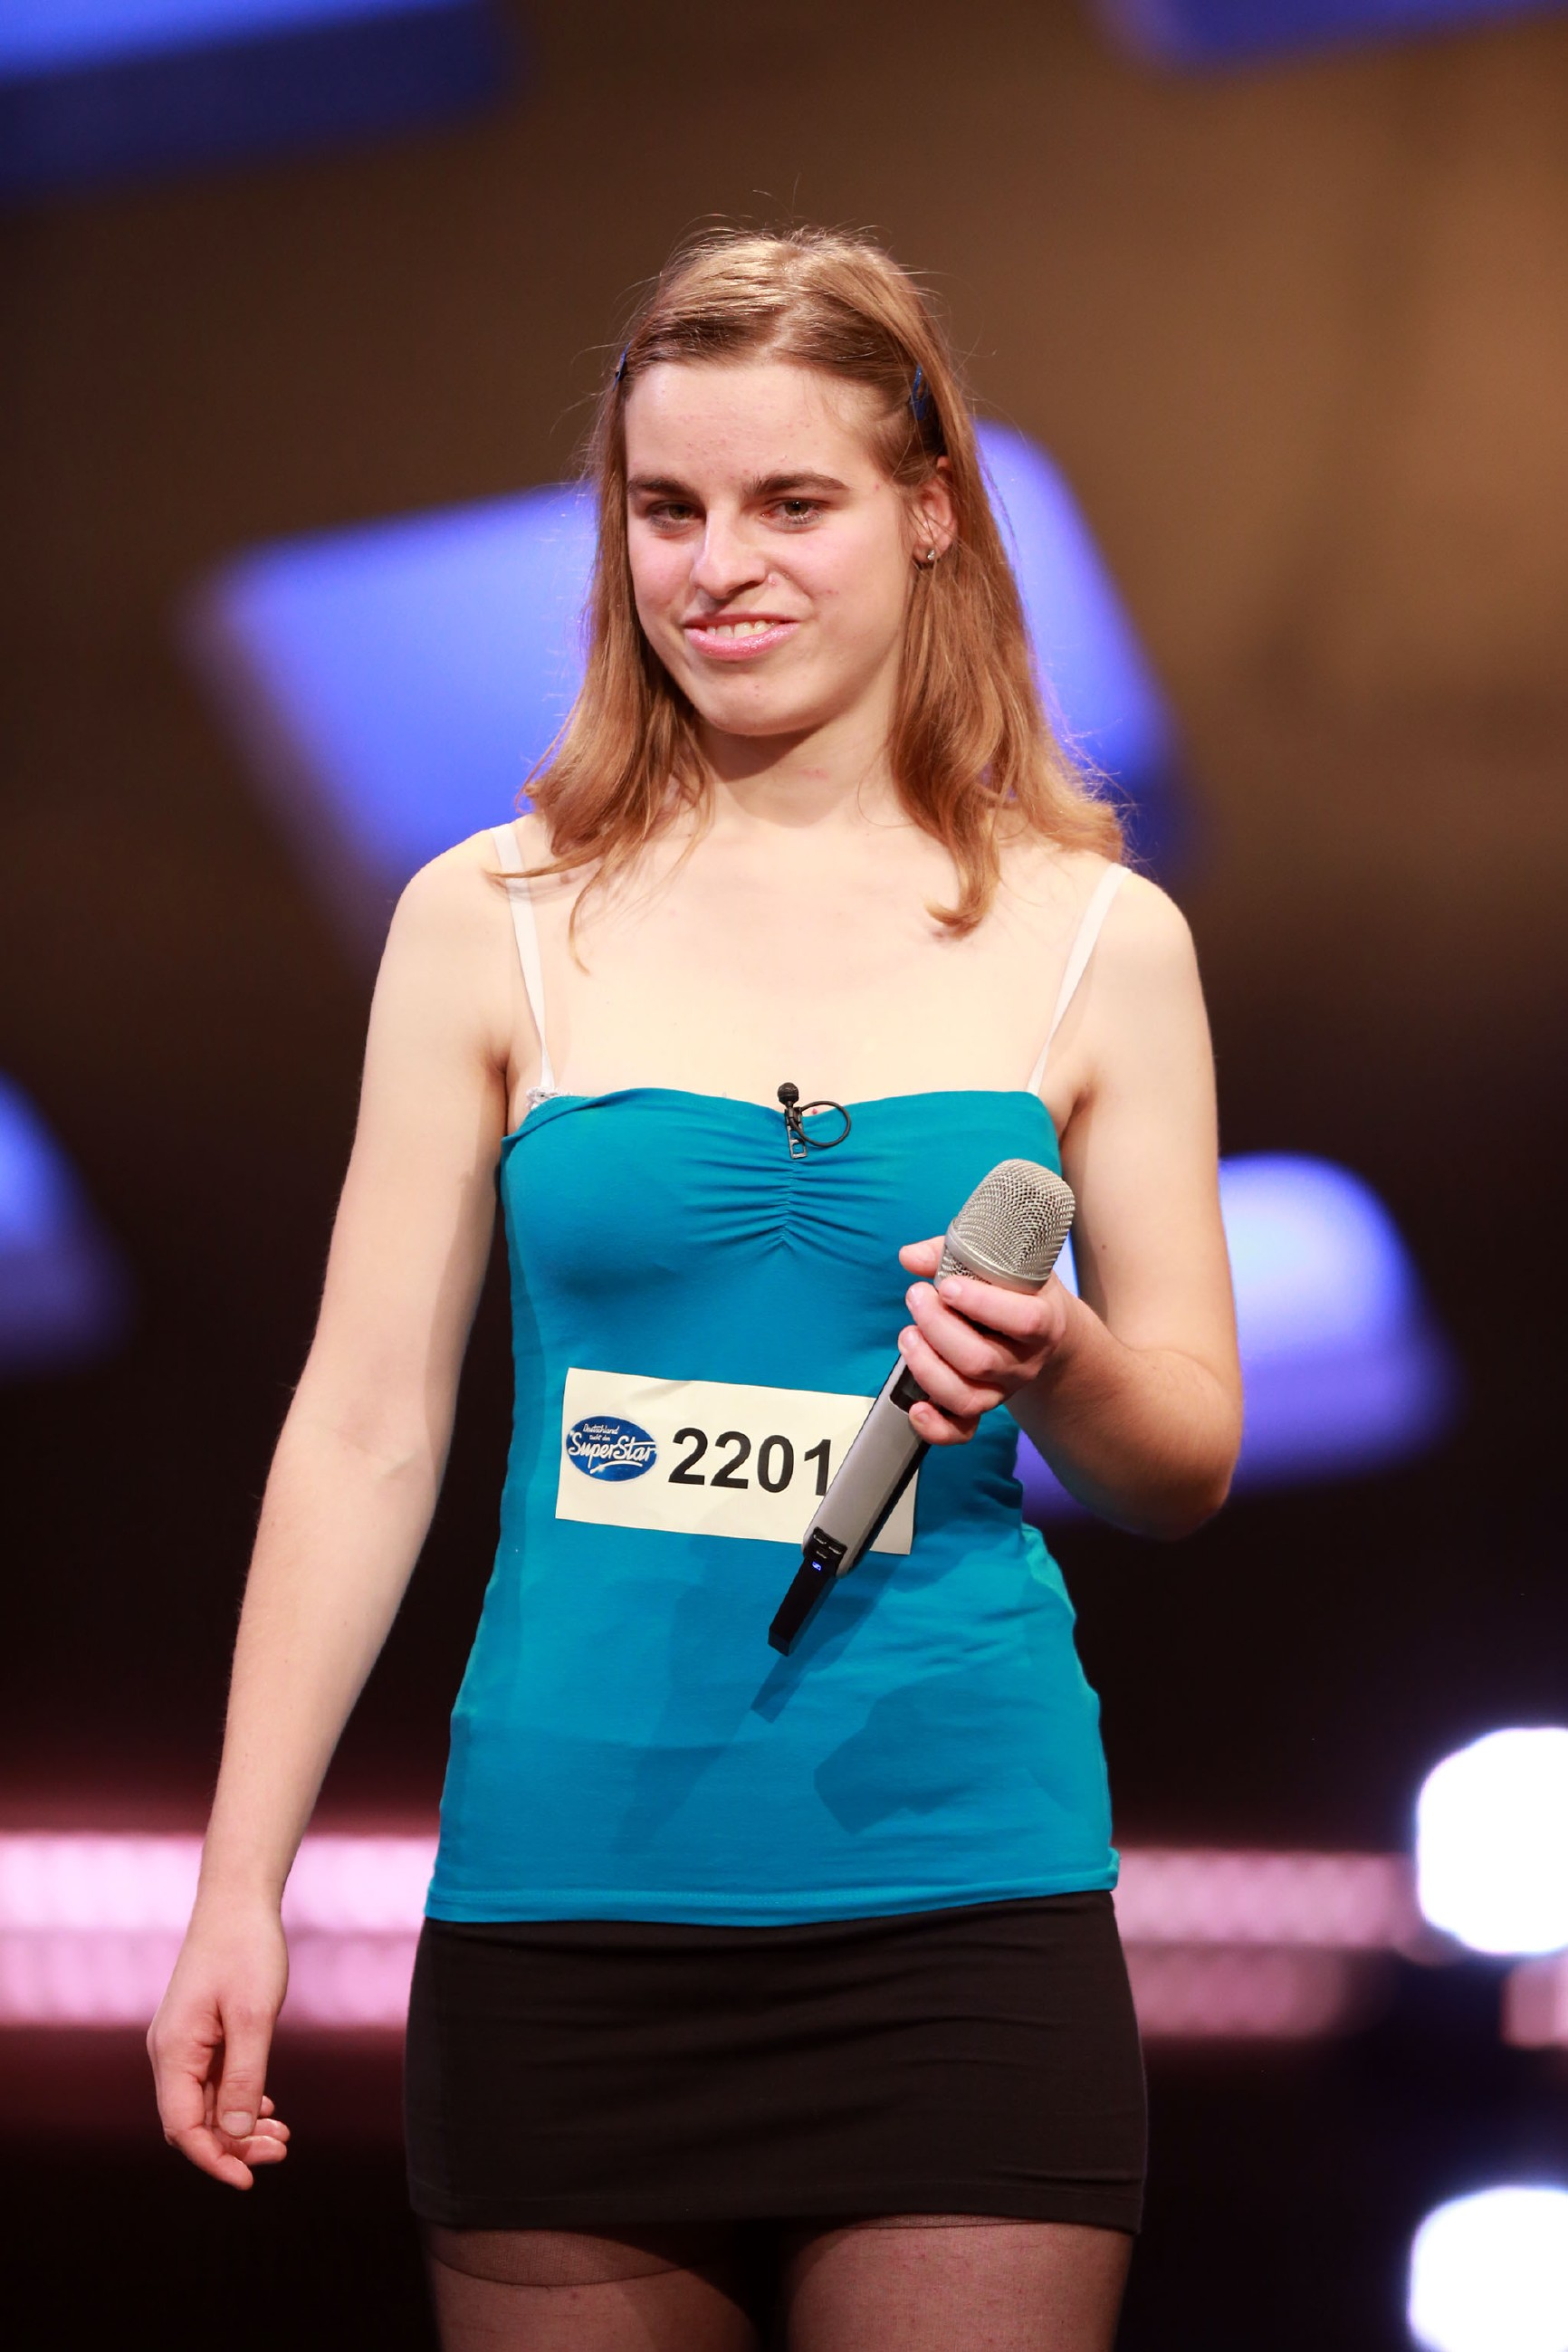 DSDS 2016 Casting 6 - Sarah Kramer aus Puschendorf